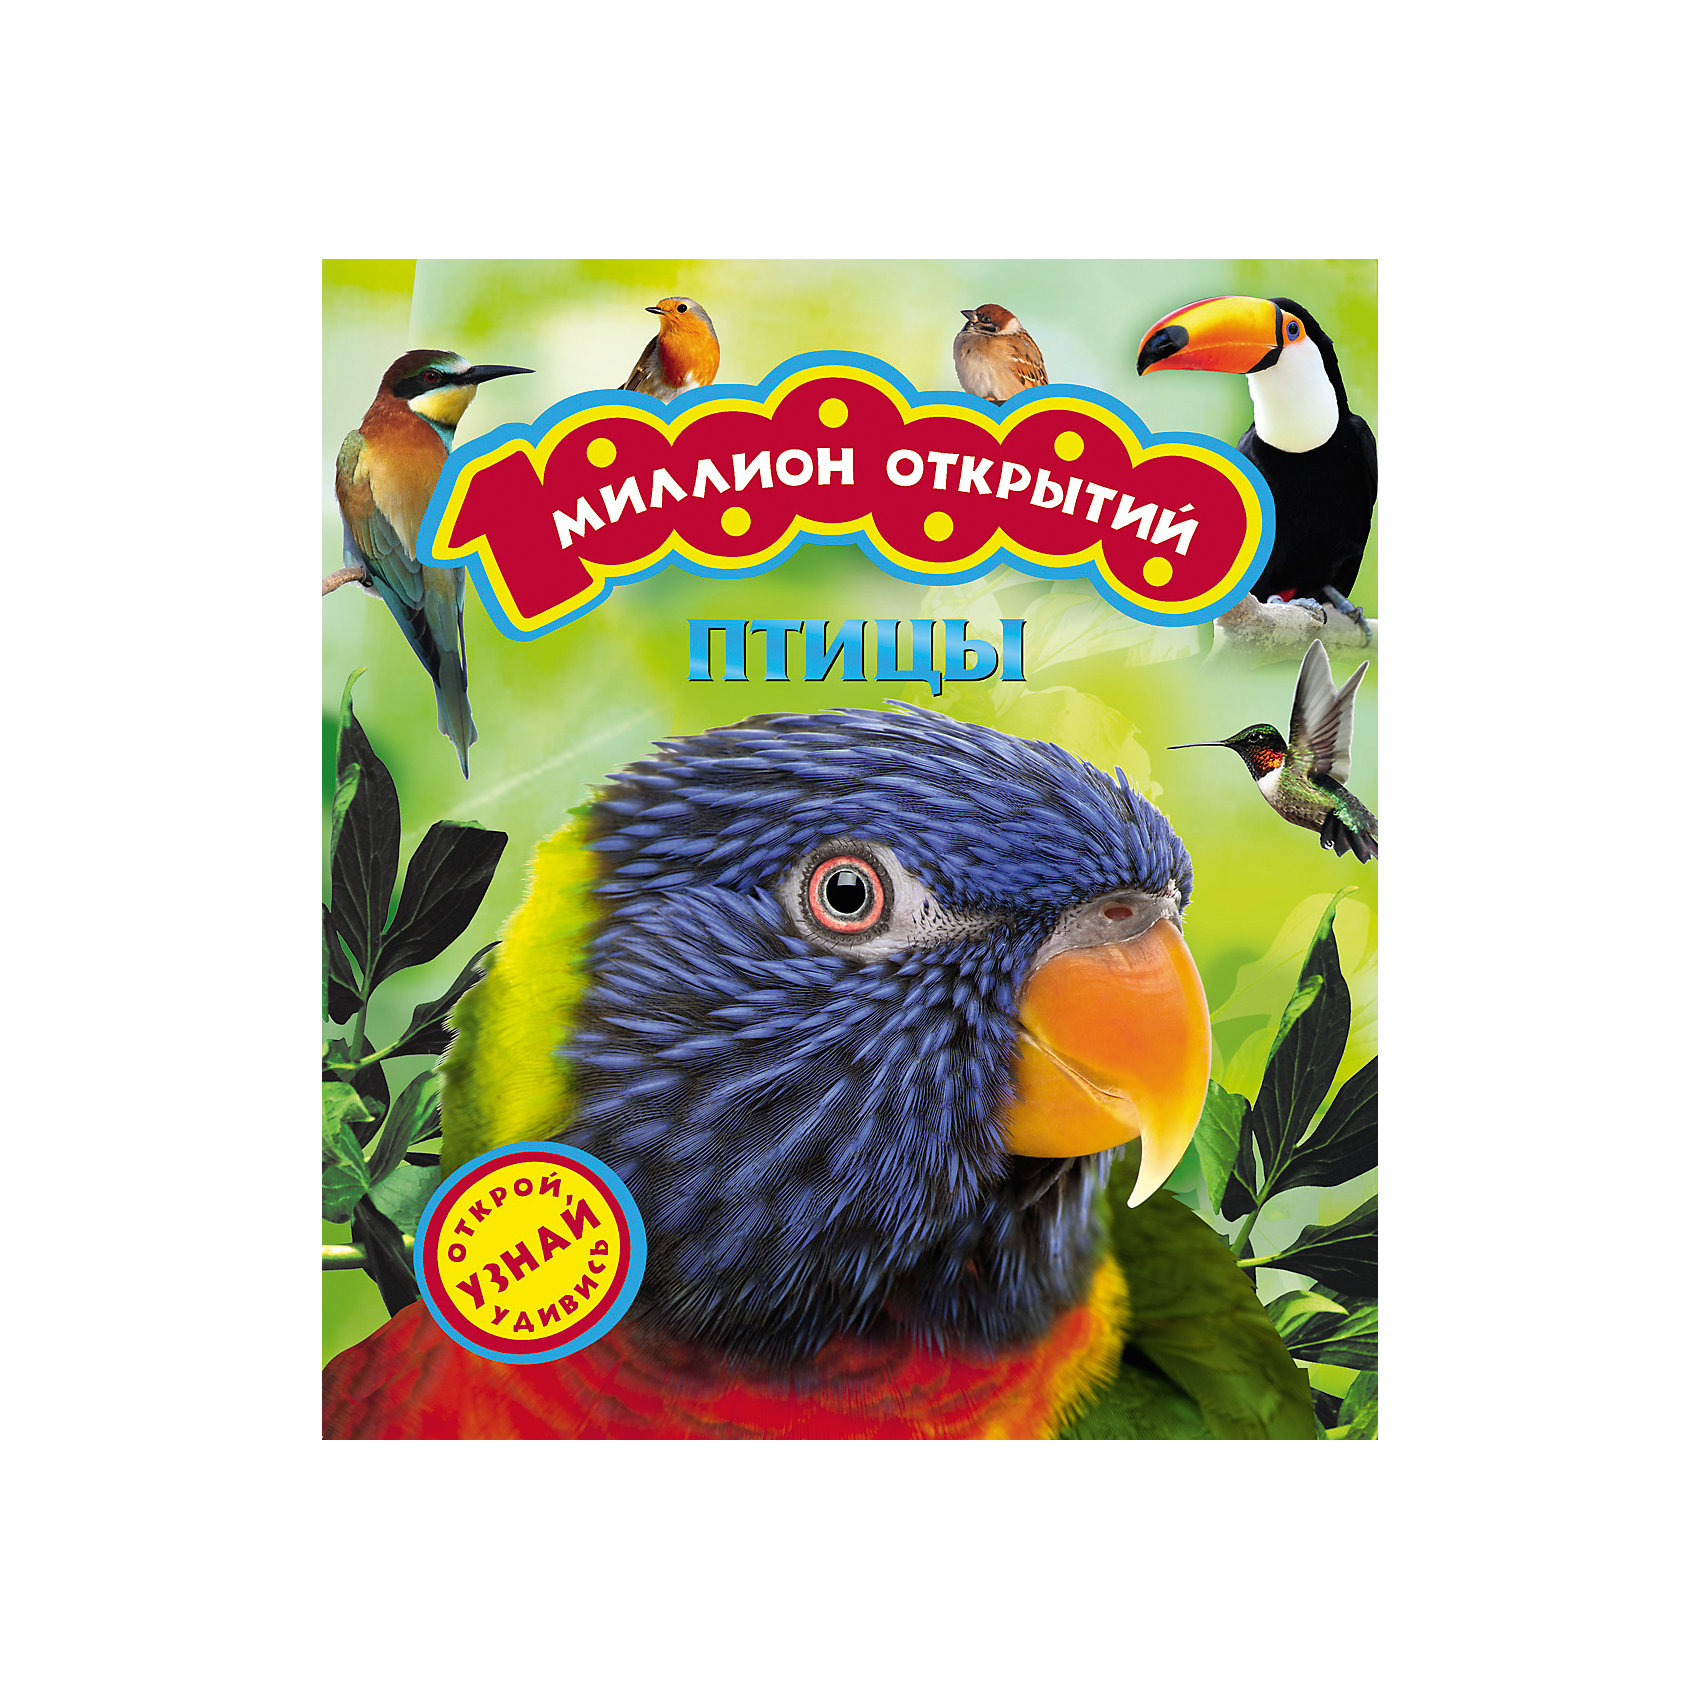 Птицы (Миллион открытий)Детские энциклопедии<br>Характеристики товара:<br><br>- цвет: разноцветный;<br>- материал: бумага;<br>- страниц: 36;<br>- формат: 27 x 24 см;<br>- обложка: твердая;<br>- цветные иллюстрации.<br><br>Эта интересная книга с иллюстрациями станет отличным подарком для ребенка. Она содержит в себе ответы на вопросы, которые интересуют малышей. Всё представлено в очень простой форме! Талантливый иллюстратор дополнил книгу качественными рисунками, которые помогают ребенку понять суть многих вещей в нашем мире. Удивительные и интересные факты помогут привить любовь к учебе!<br>Чтение - отличный способ активизации мышления, оно помогает ребенку развивать зрительную память, концентрацию внимания и воображение. Издание произведено из качественных материалов, которые безопасны даже для самых маленьких.<br><br>Книгу Птицы (Миллион открытий) от компании Росмэн можно купить в нашем интернет-магазине.<br><br>Ширина мм: 260<br>Глубина мм: 270<br>Высота мм: 10<br>Вес г: 365<br>Возраст от месяцев: 36<br>Возраст до месяцев: 72<br>Пол: Унисекс<br>Возраст: Детский<br>SKU: 5109993